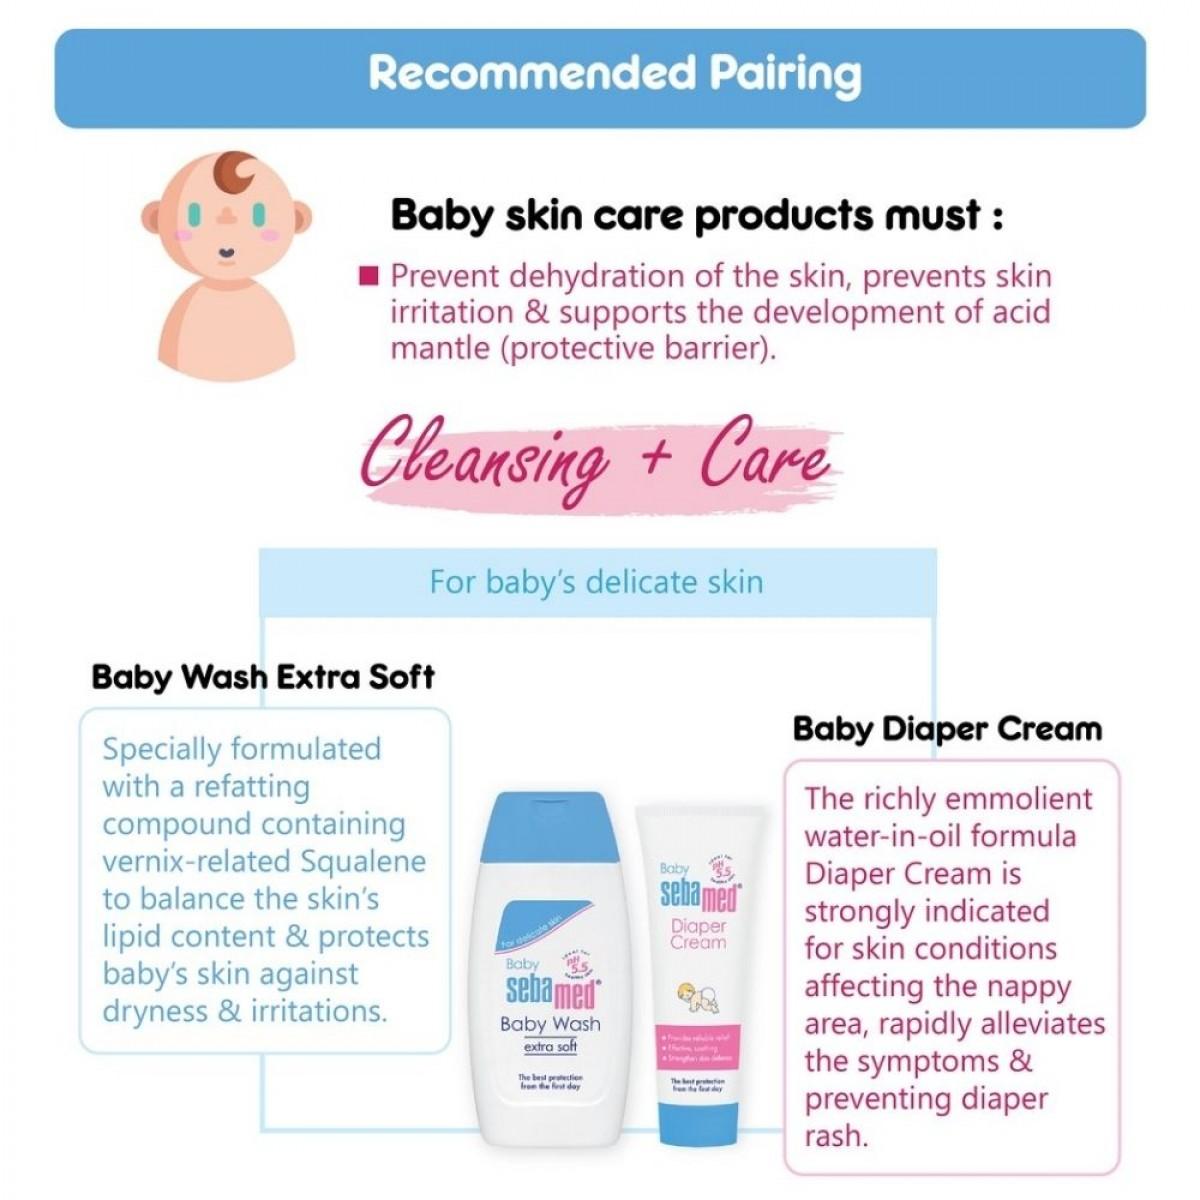 Sebamed Baby Diaper Cream 100ml (pH 5.5) - Nappy / Diaper Rash Cream - Made in Germany